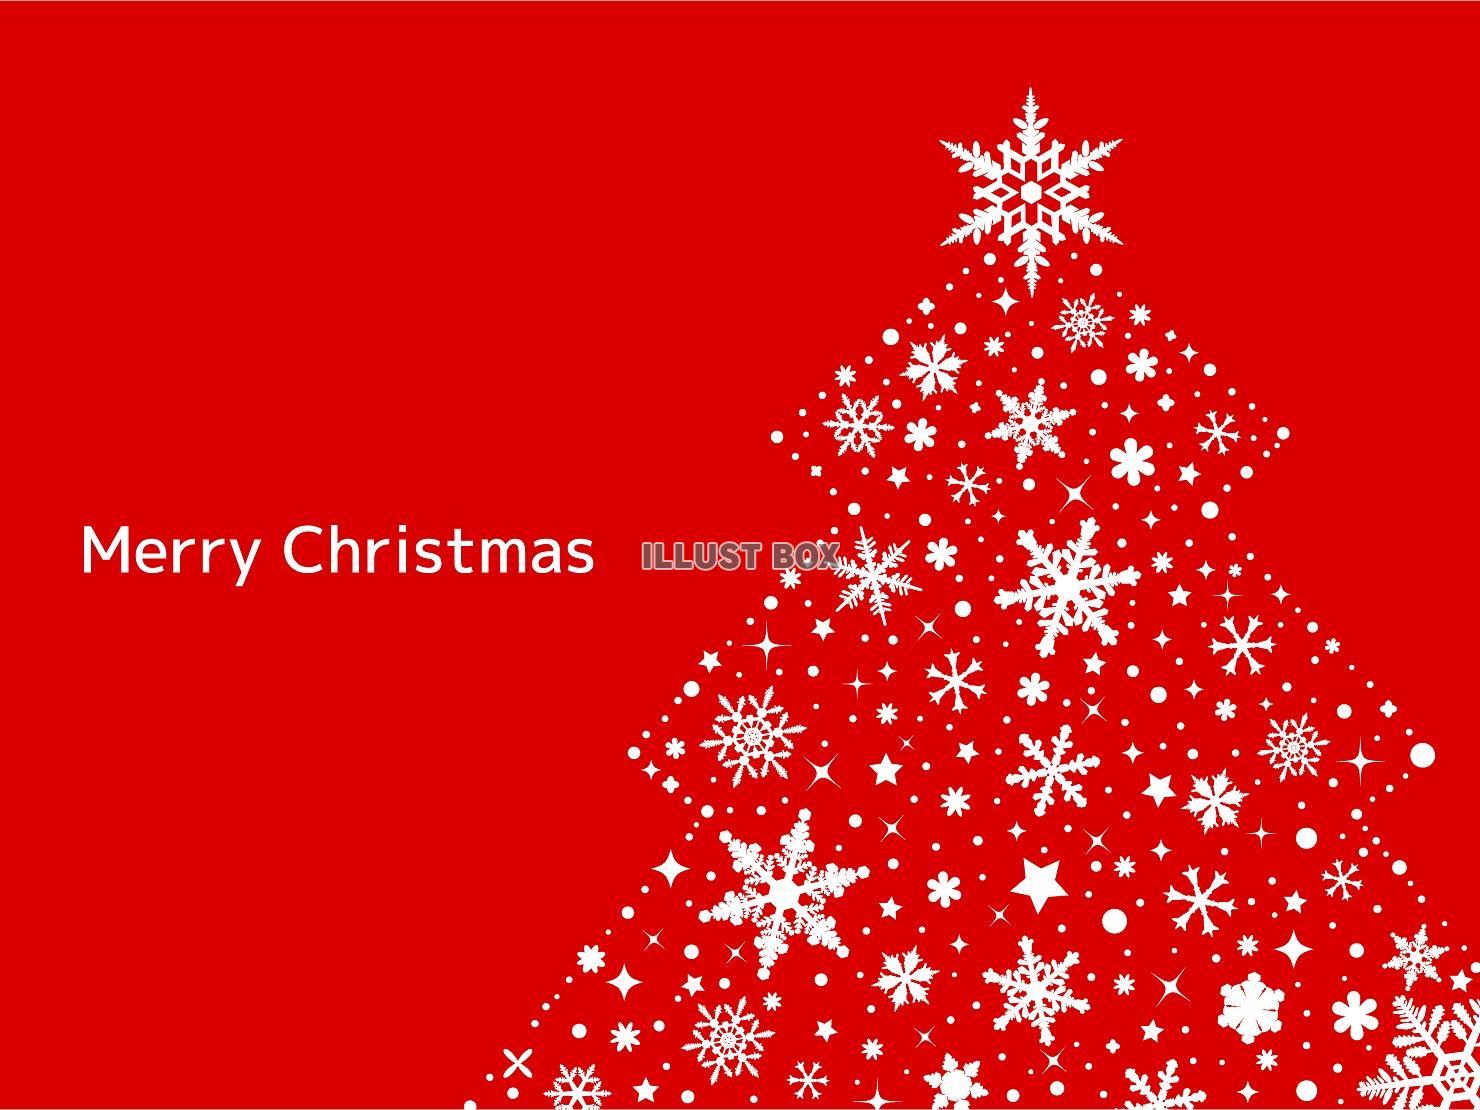 無料イラスト 赤色のクリスマスカードepsjpg